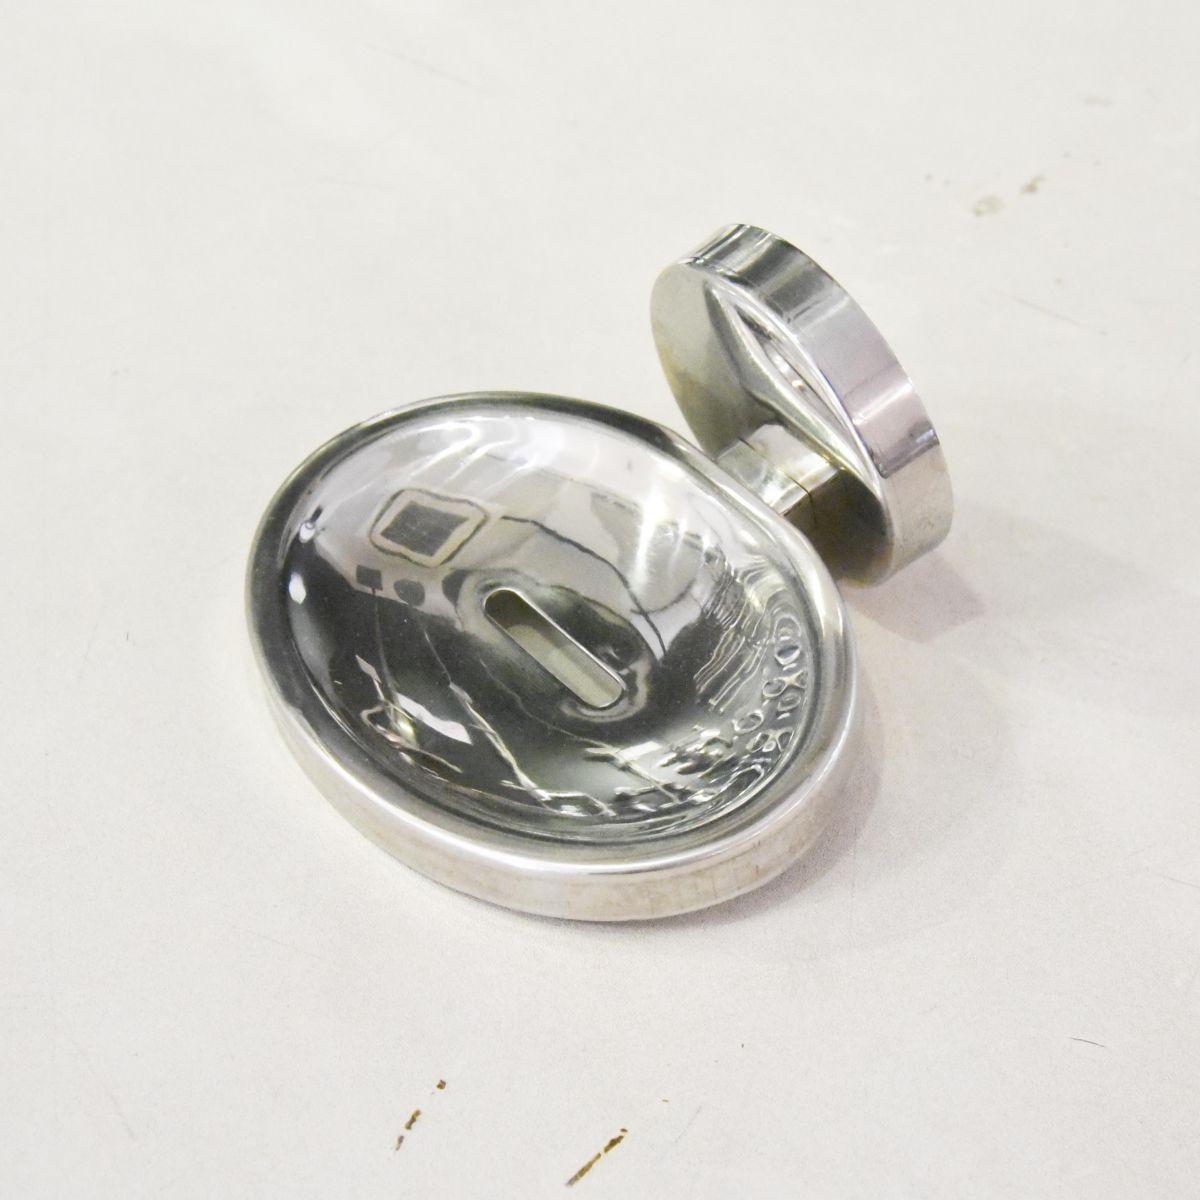 Kệ để xà phòng inox Outlet 01 là sản phẩm thiết bị vệ sinh outlet, xả kho, thanh lý một số mặt hàng trưng bày, giá khuyến mãi cực kỳ hấp dẫn, đến ngay showroom Hita tại Tphcm